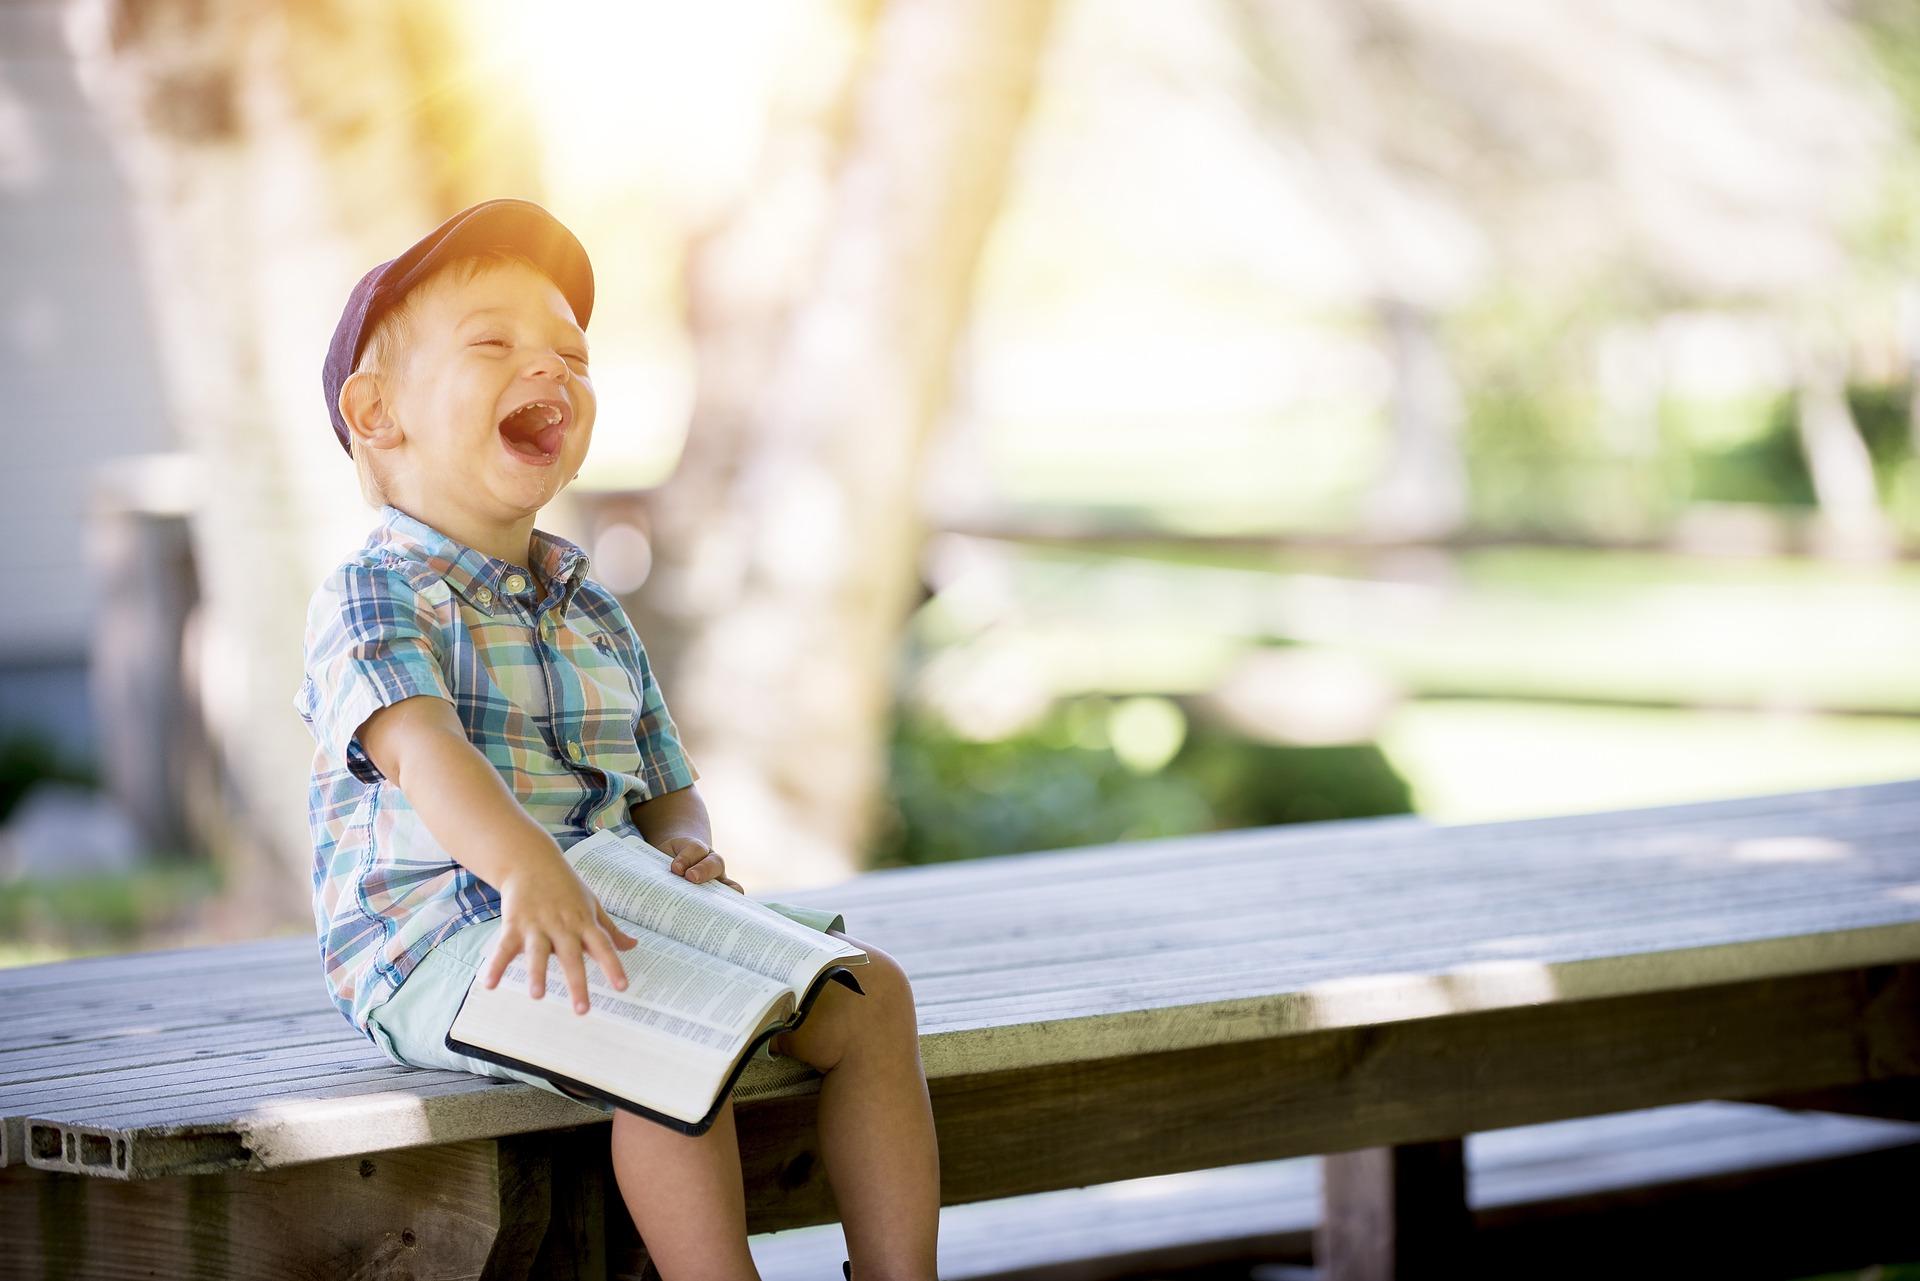 Junge_glücklich